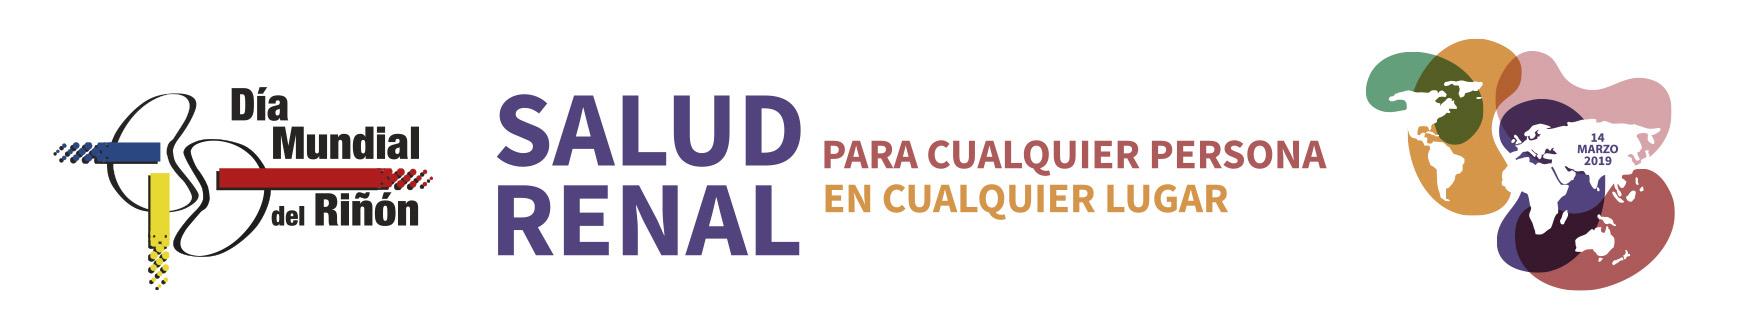 Nefrólogos y pacientes presentan a la Comisión de Salud del Parlamento de Navarra sus iniciativas para la mejora de la prevención, diagnóstico y tratamiento de la enfermedad renal crónica